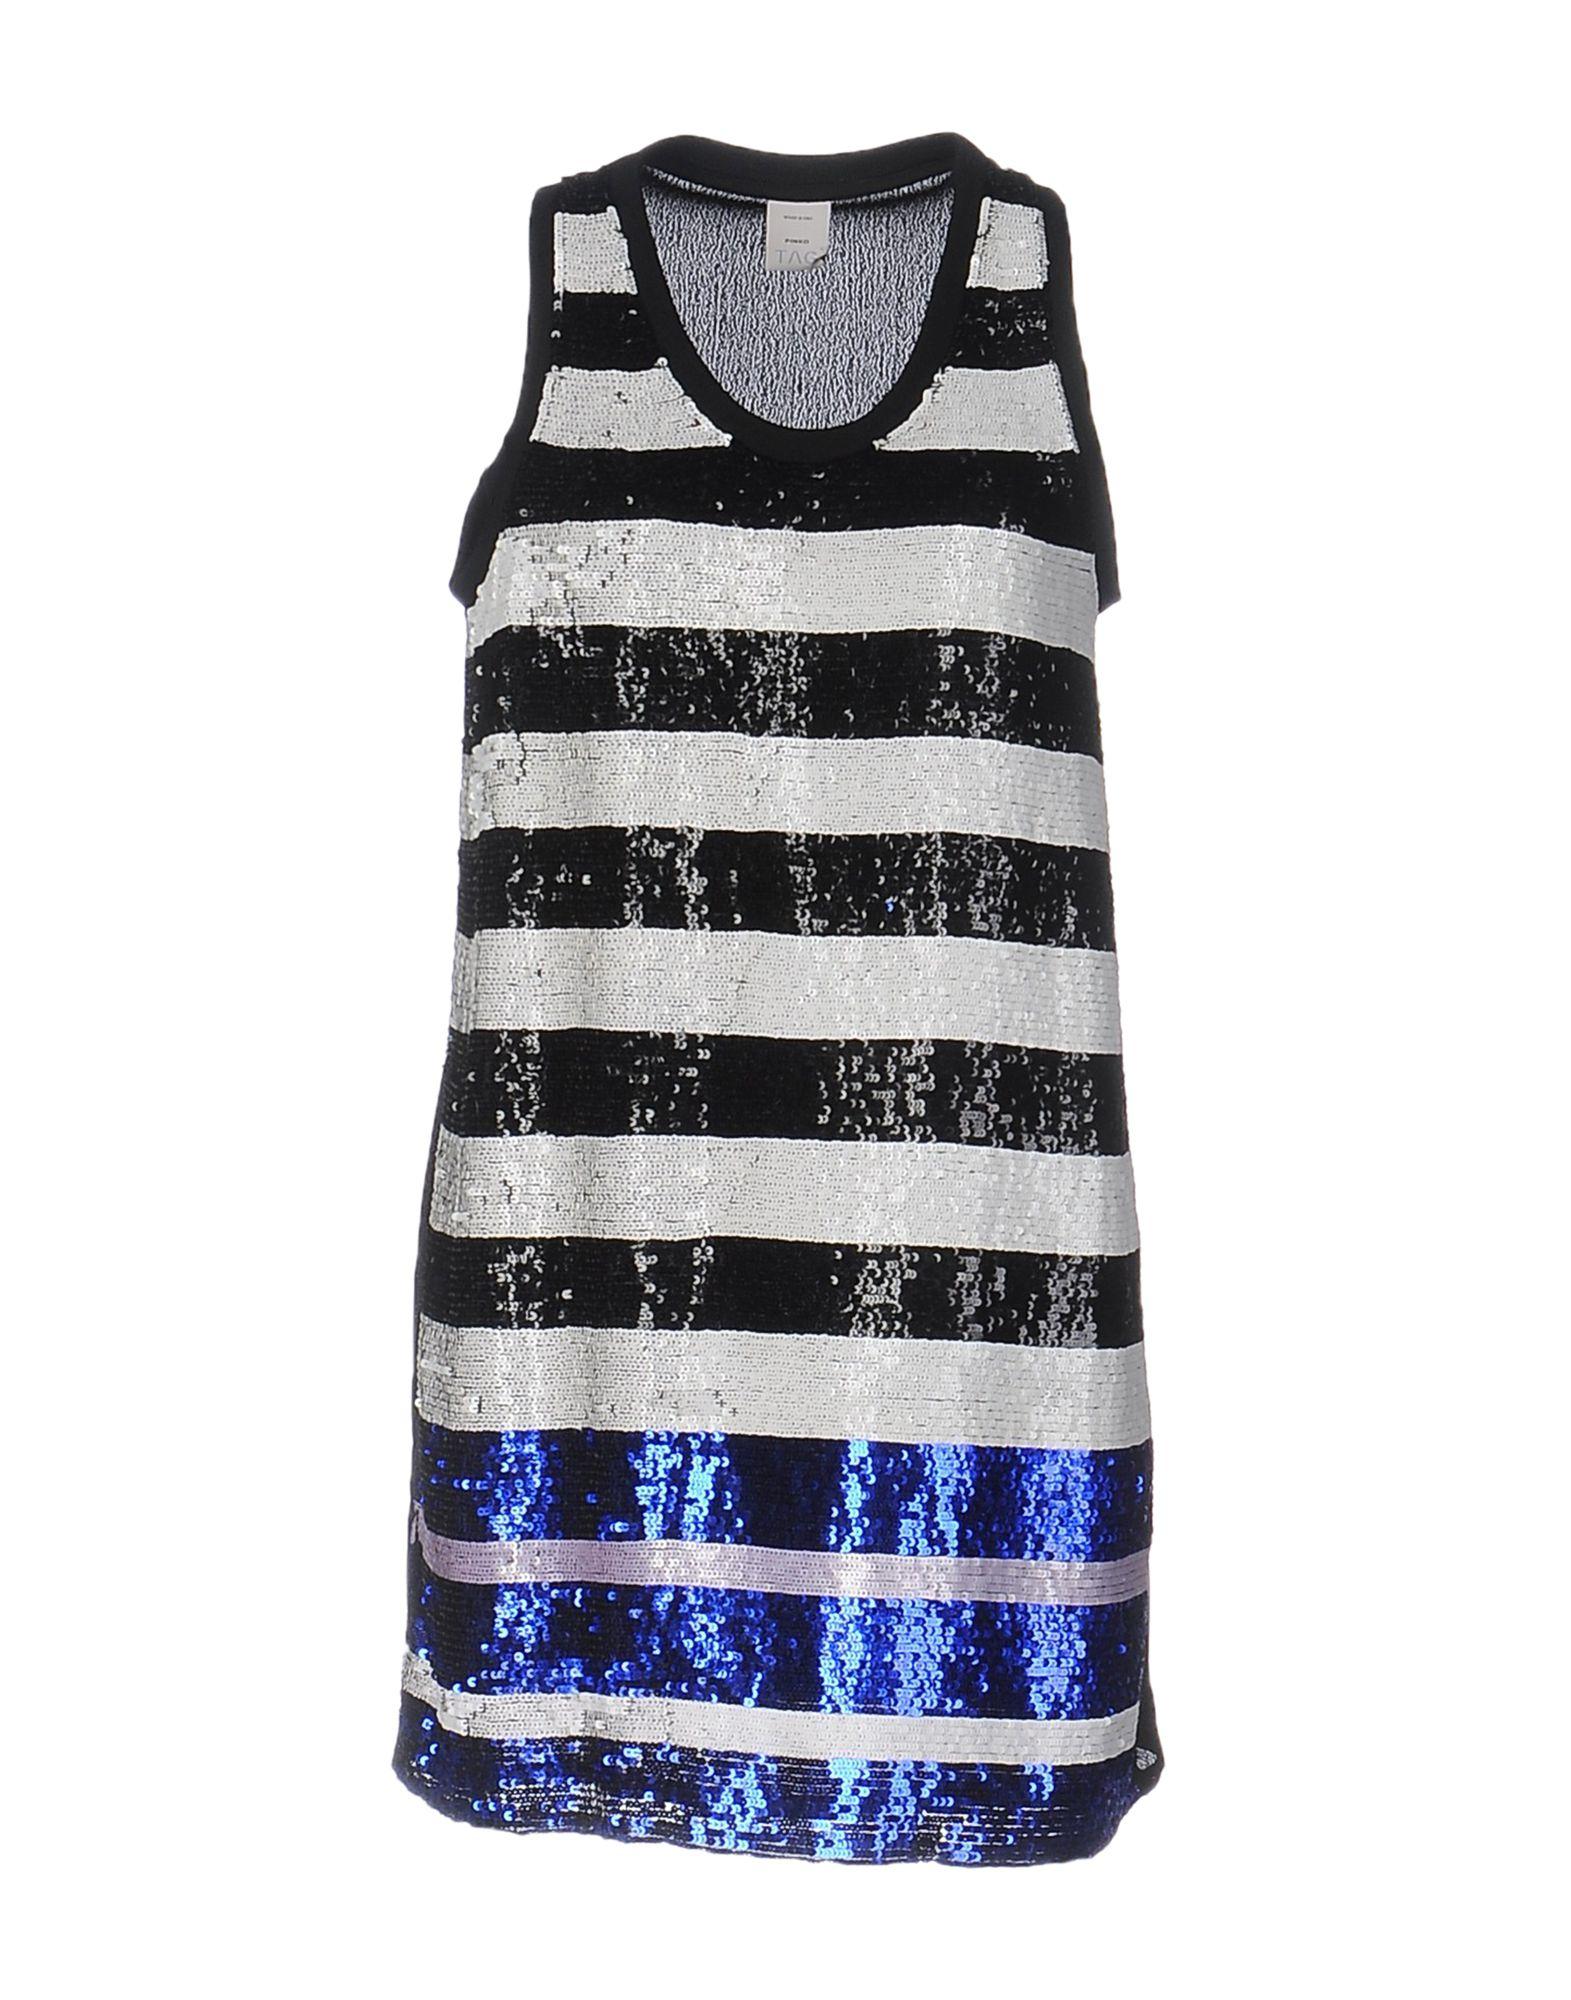 цены на PINKO TAG Короткое платье в интернет-магазинах